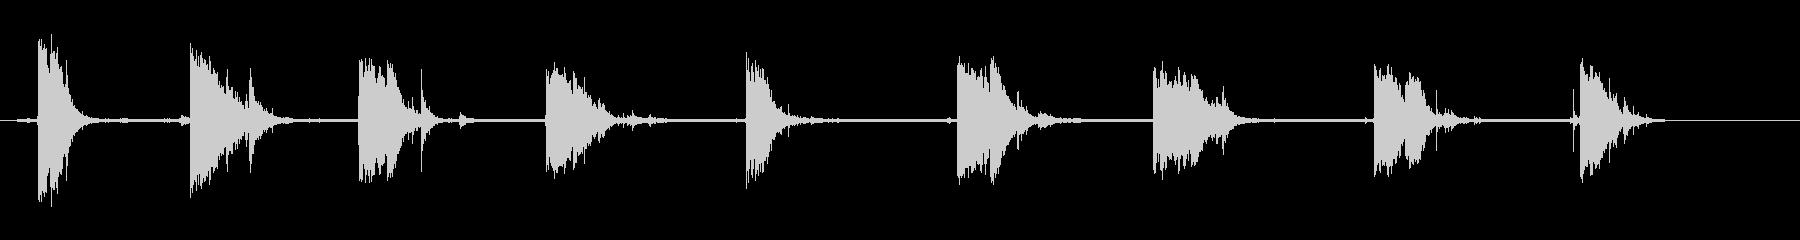 デブリスマッシュ、Various 2の未再生の波形